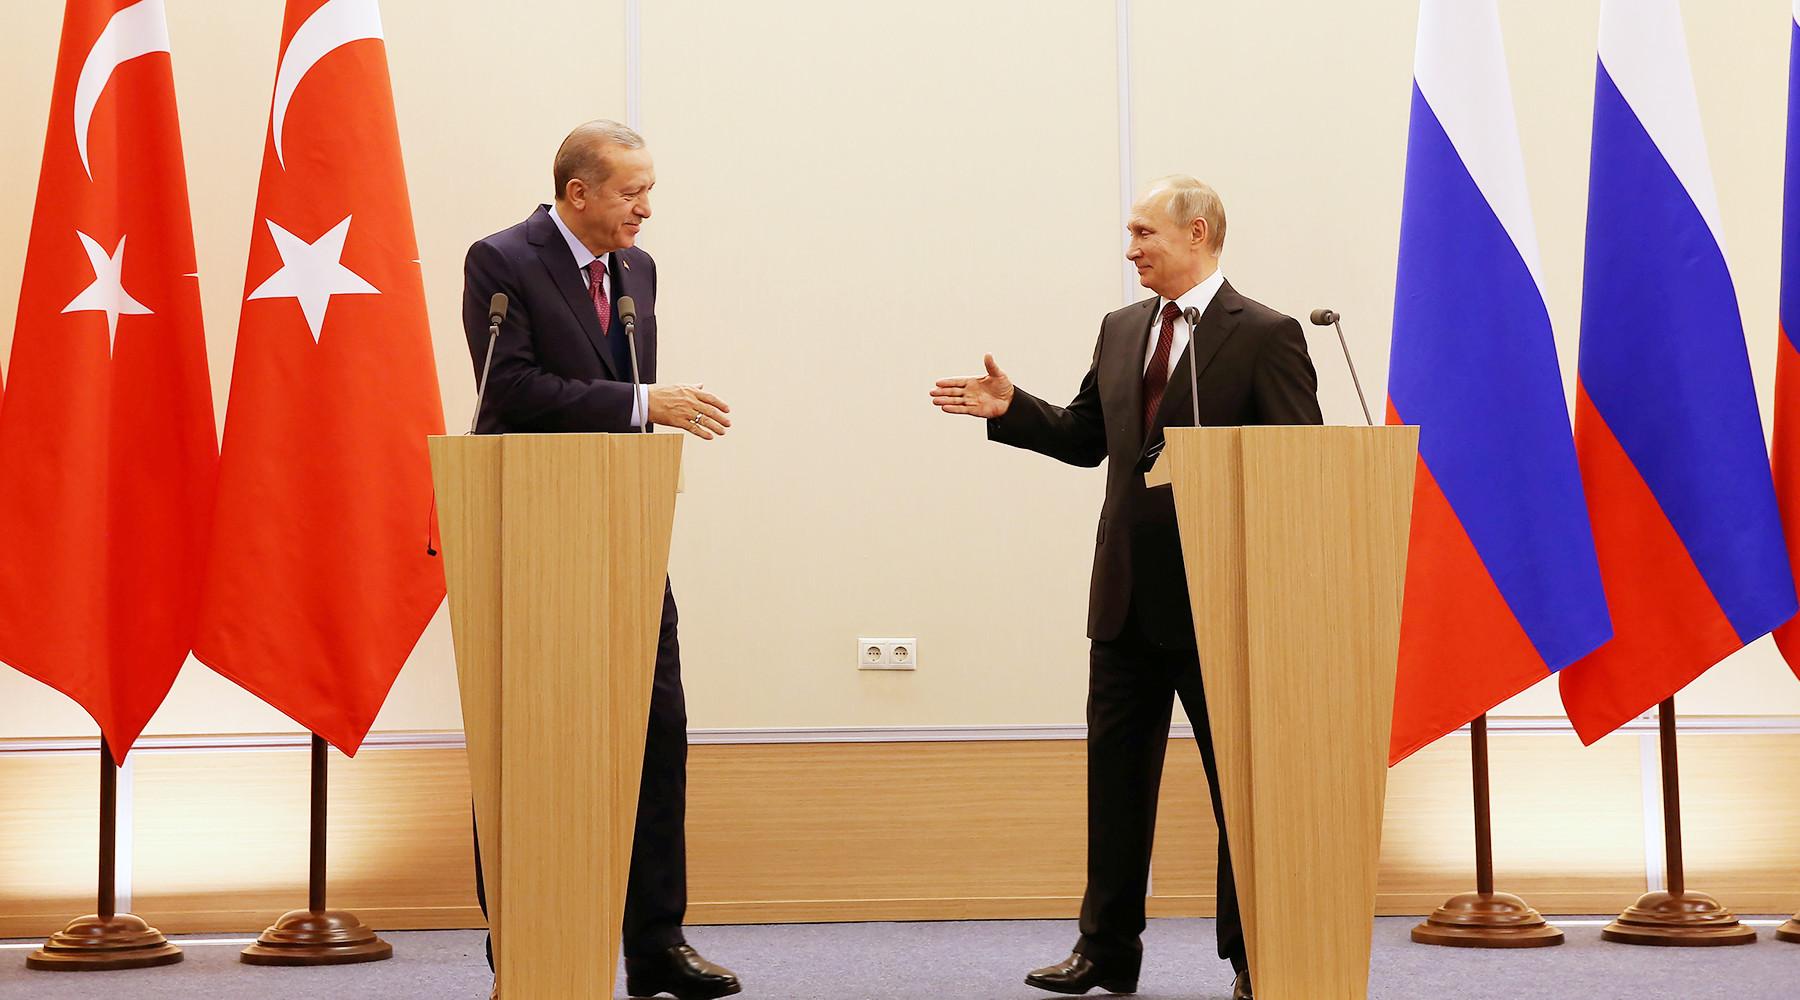 «Оперативно и результативно»: Путин и Эрдоган подвели итоги переговоров в Сочи